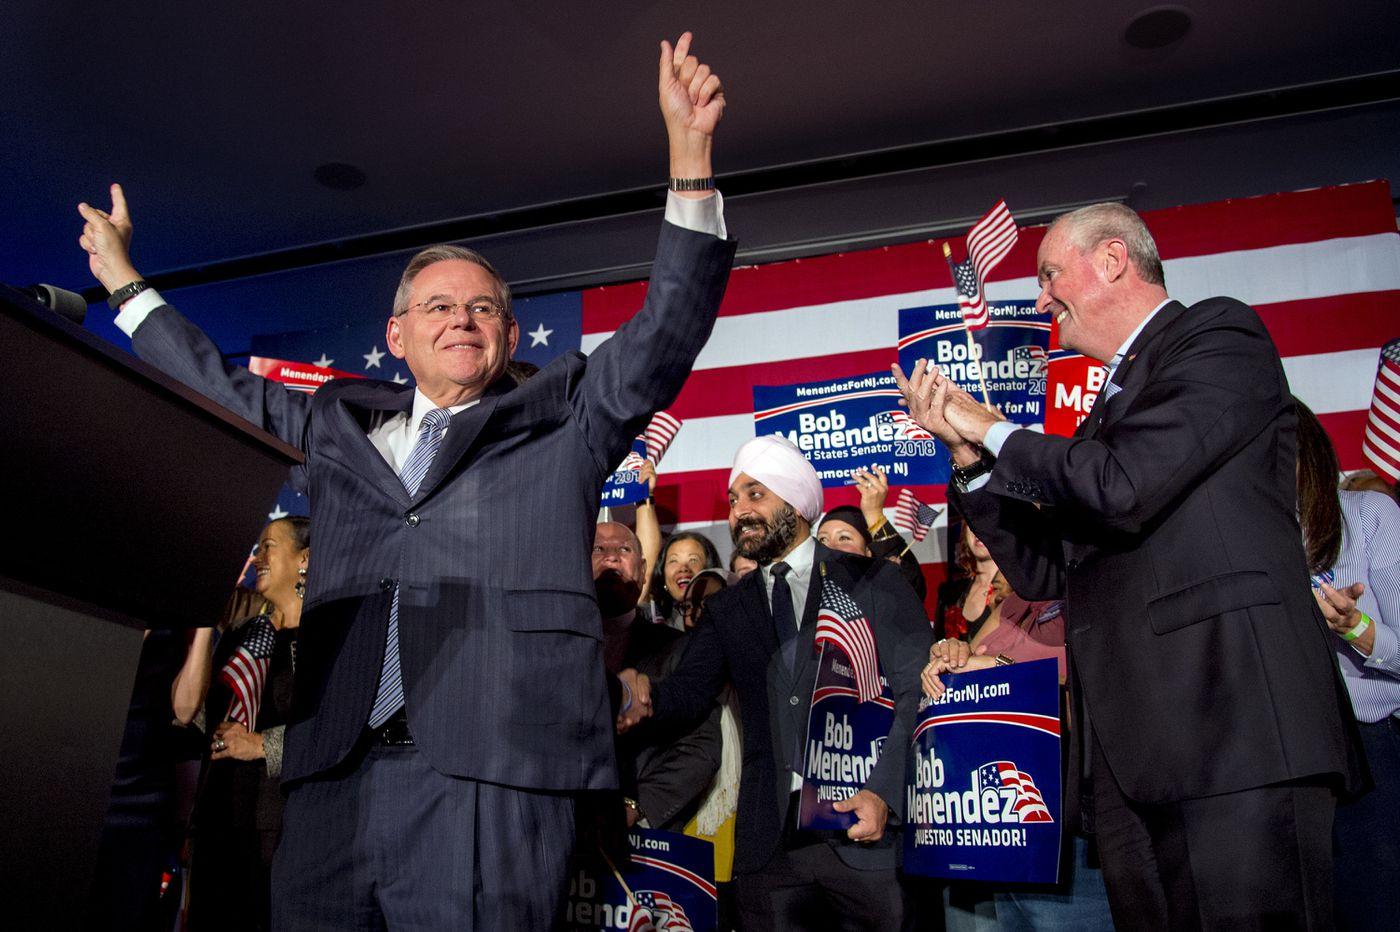 Bob Menendez, Bob Casey win Senate races in N.J., Pa.